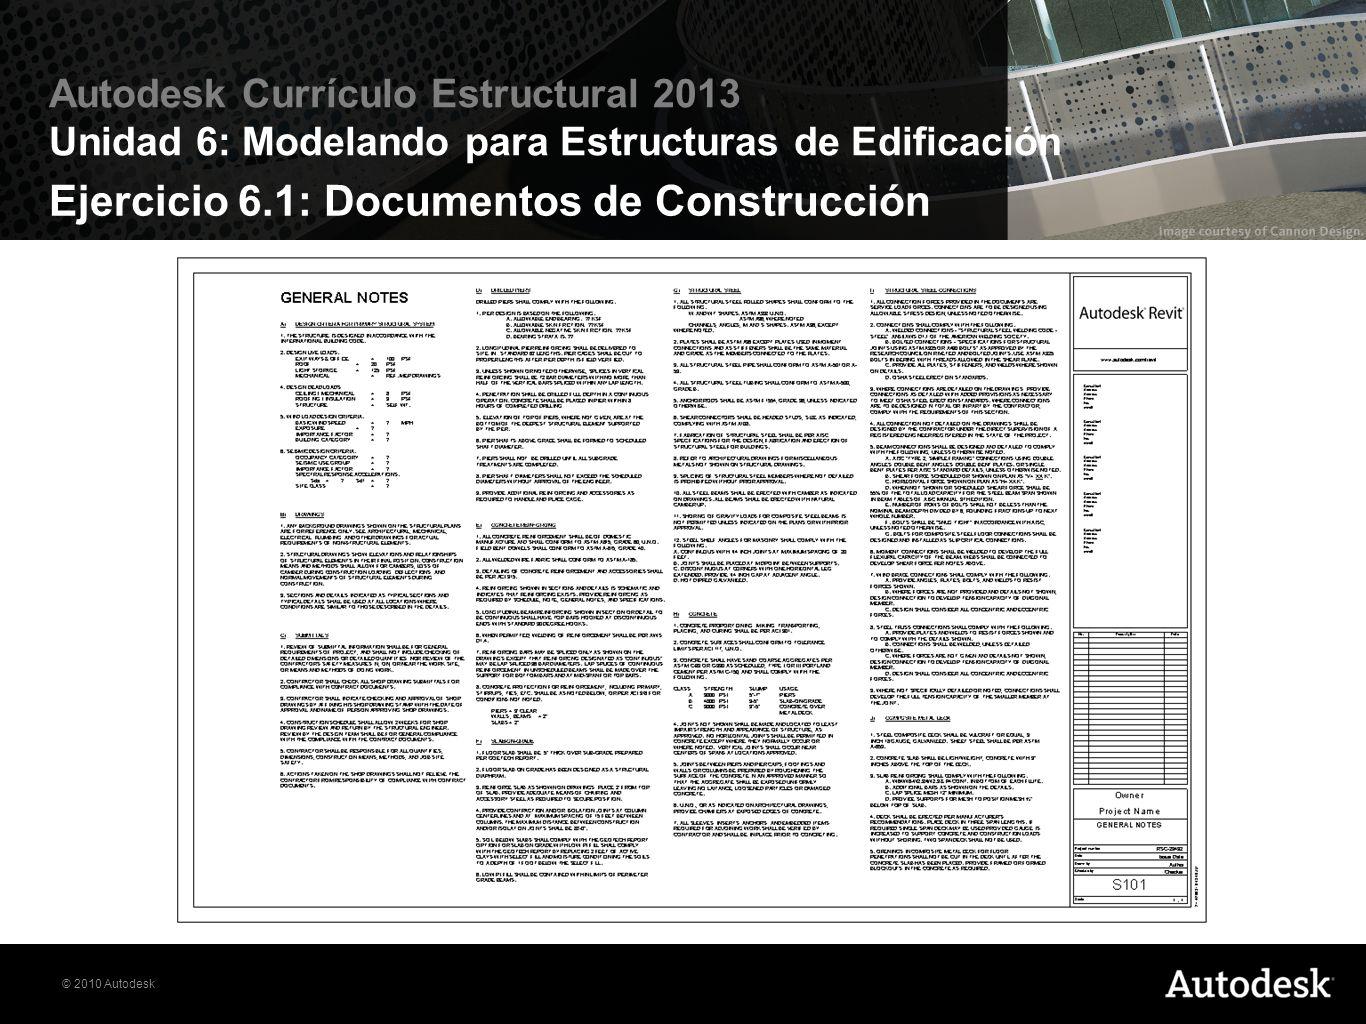 Ejercicio 6.1: Documentos de Construcción